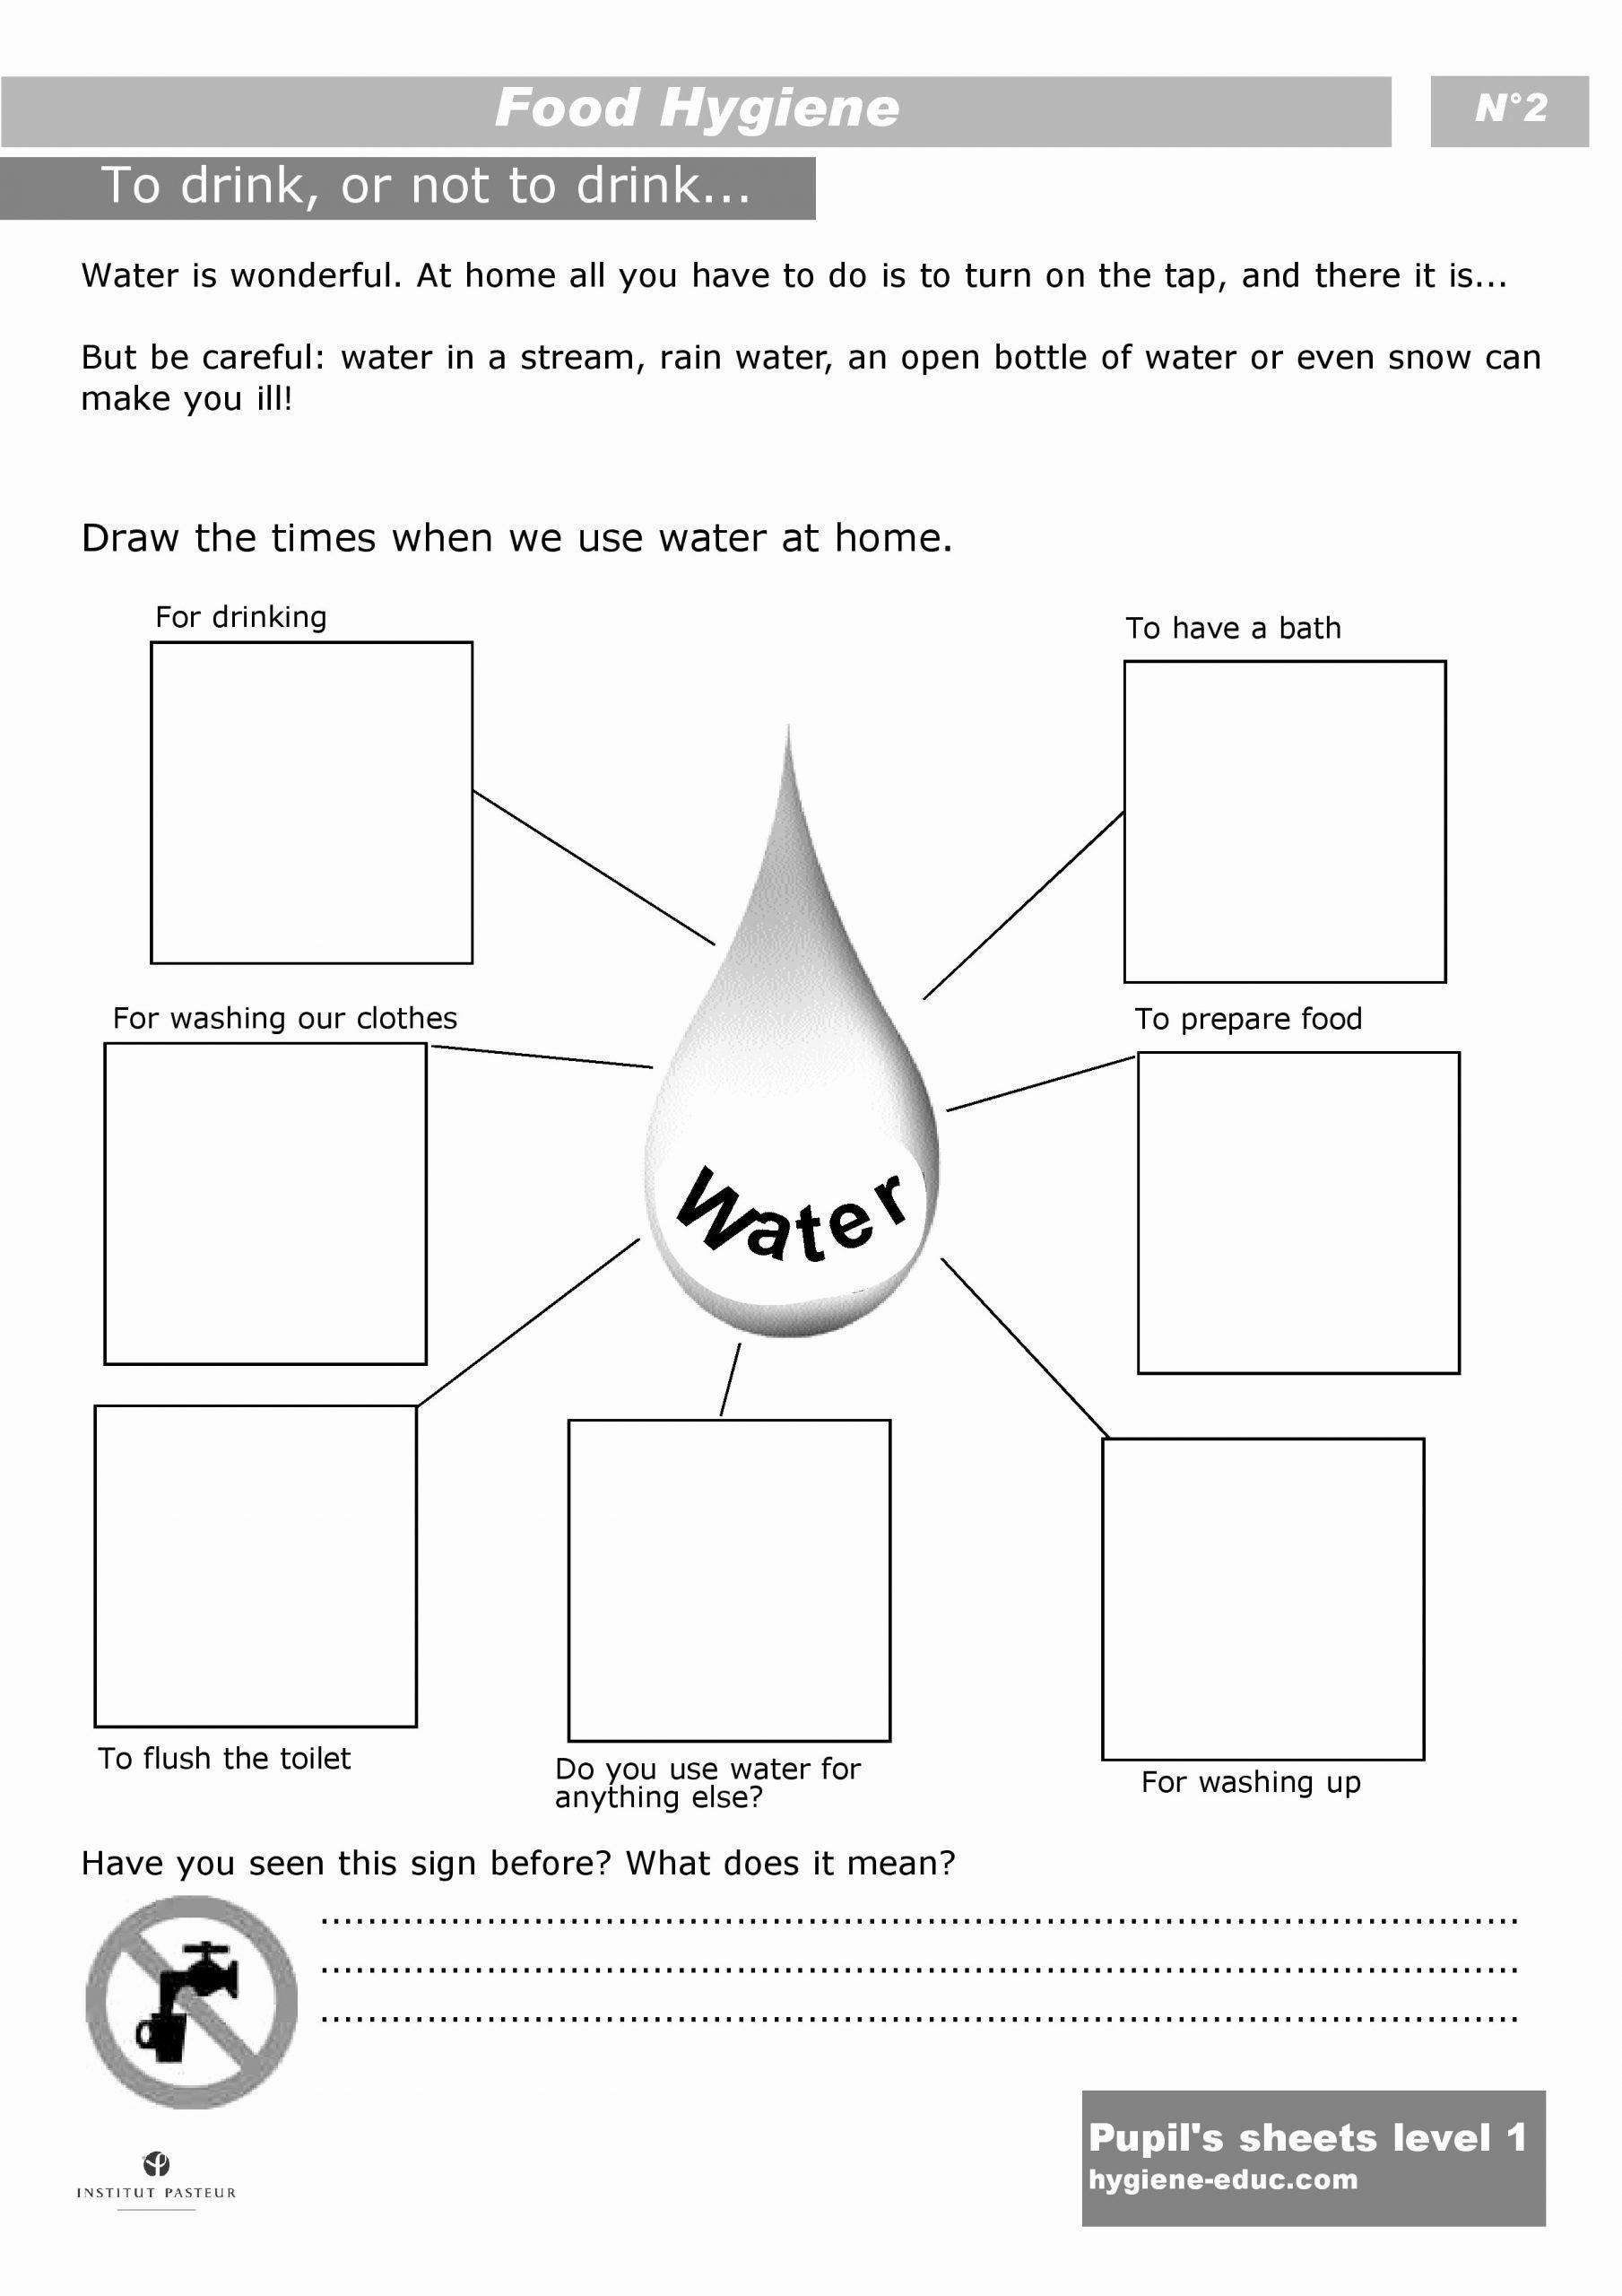 Uses Of Water Worksheets for Preschoolers top Health Food Pyramid Printable Worksheet